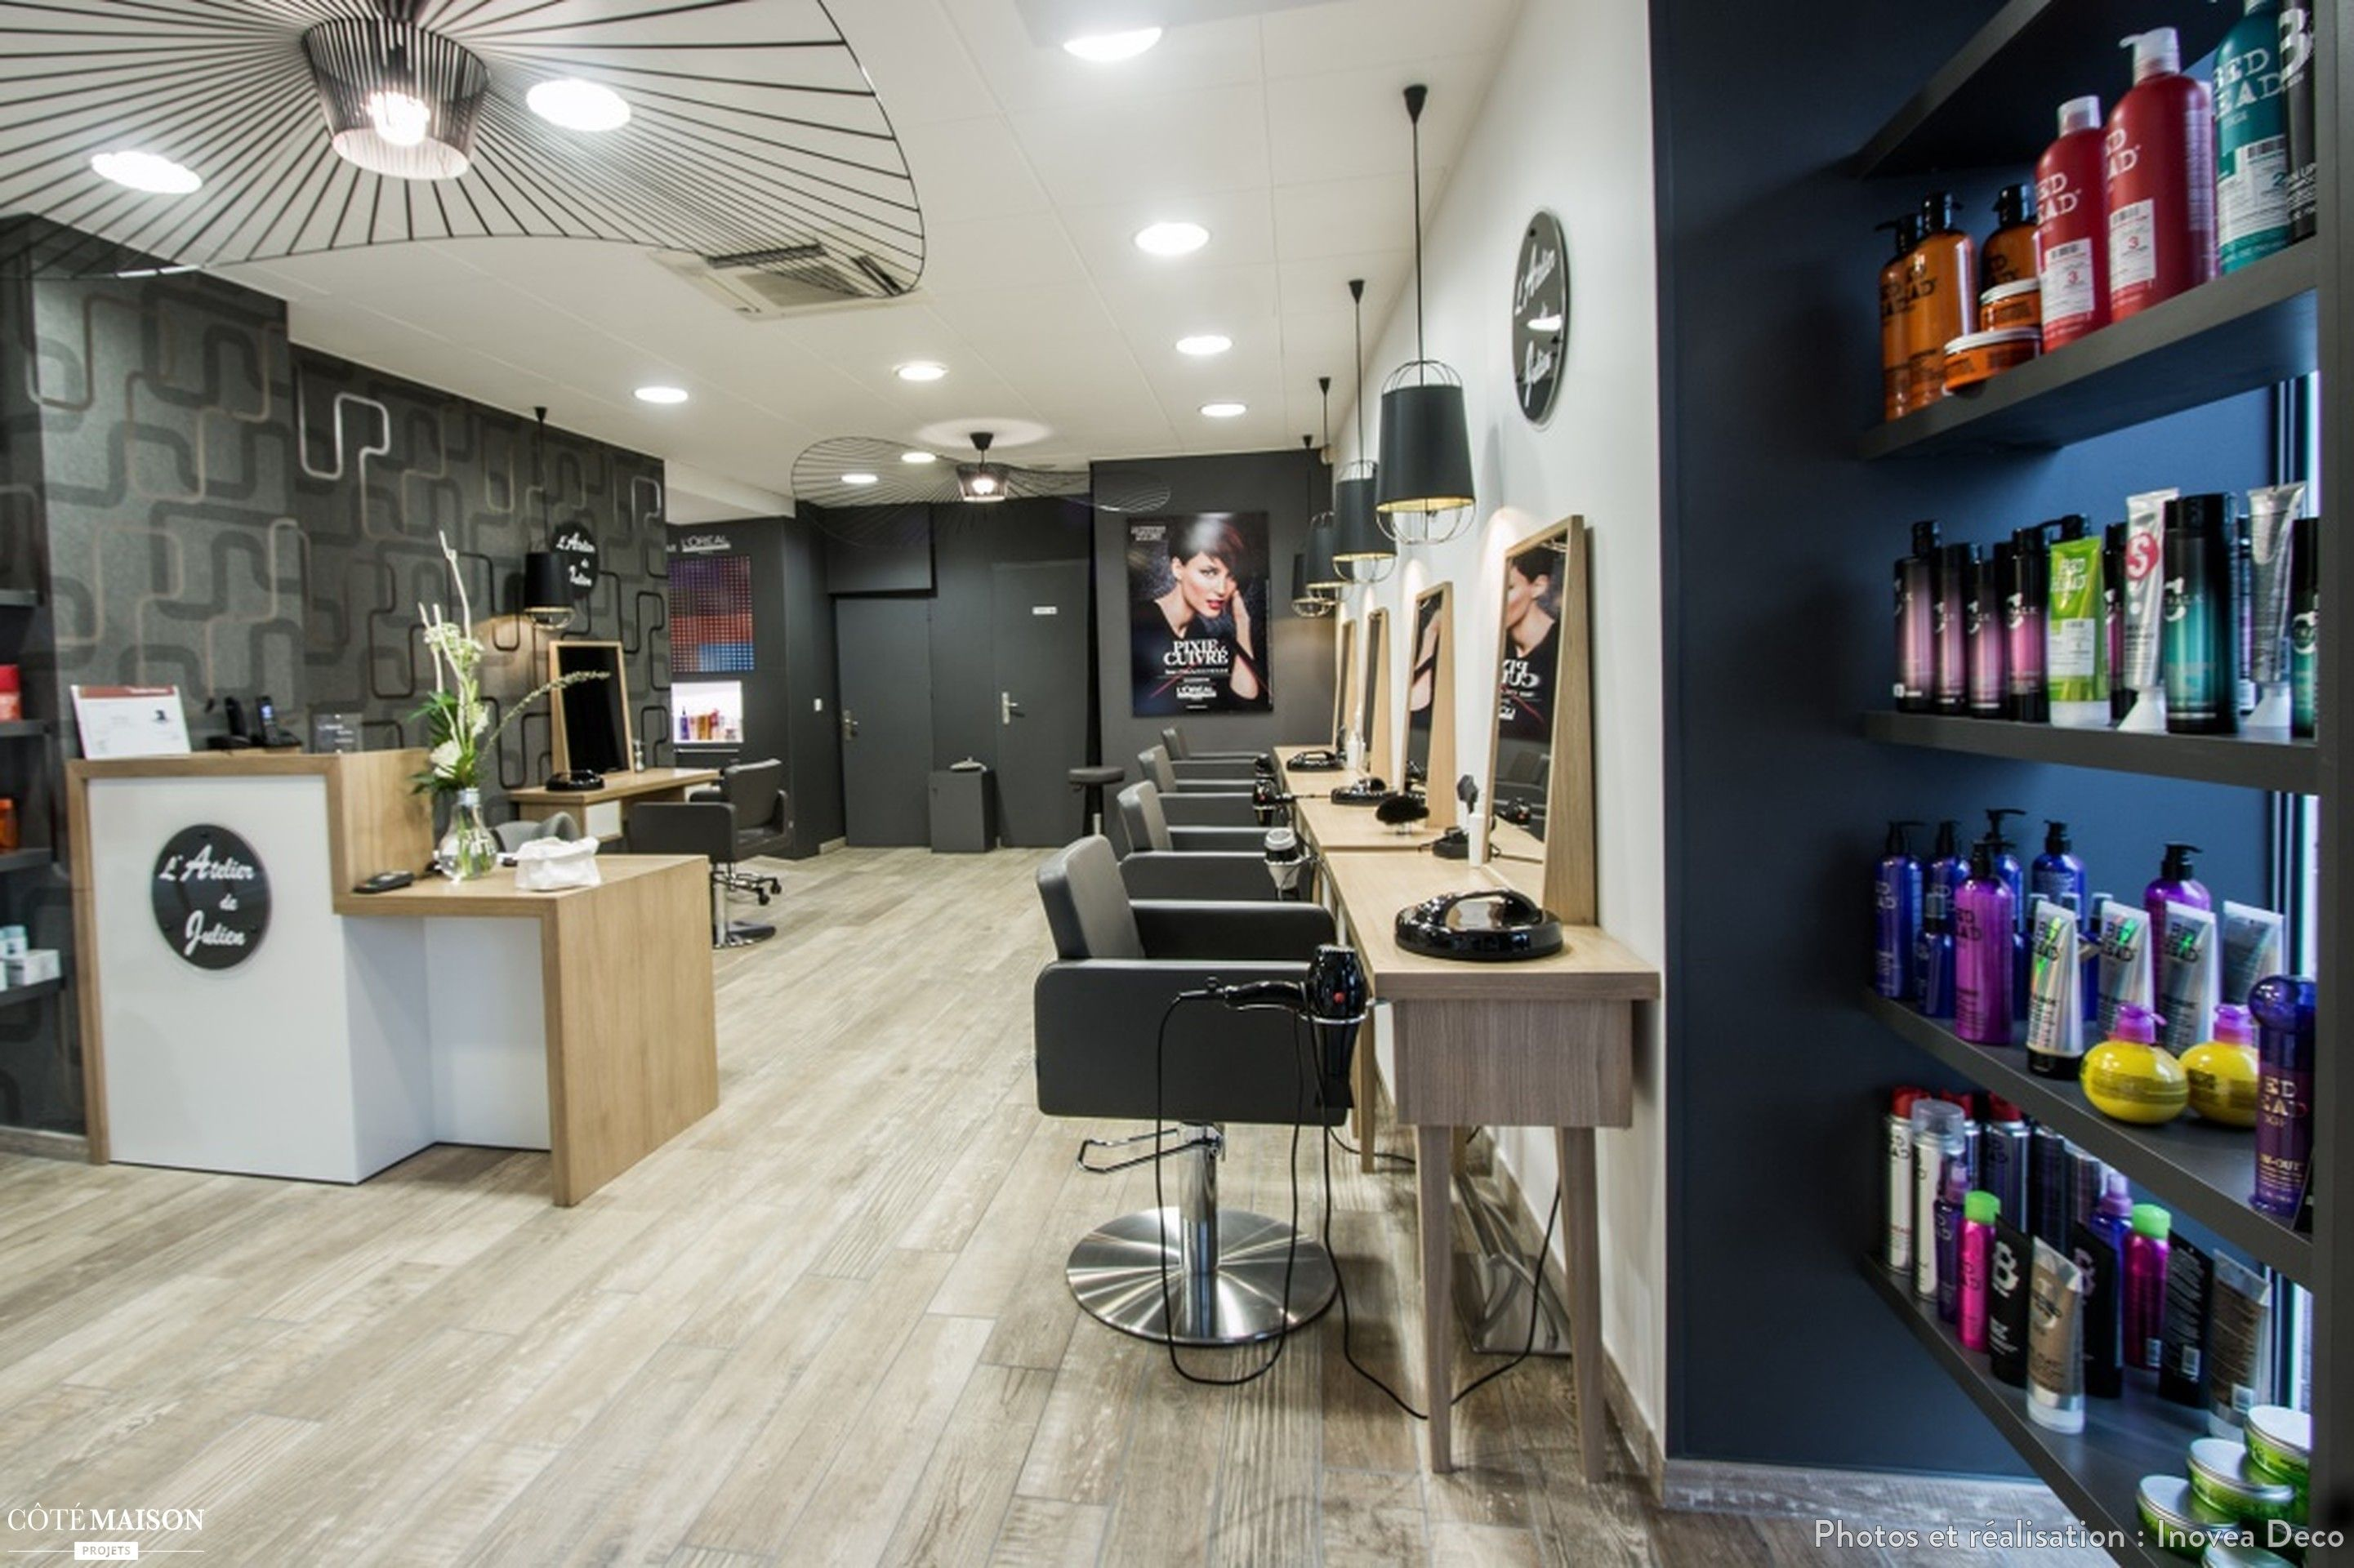 Rénovation totale d'un salon de coiffure de 100m²